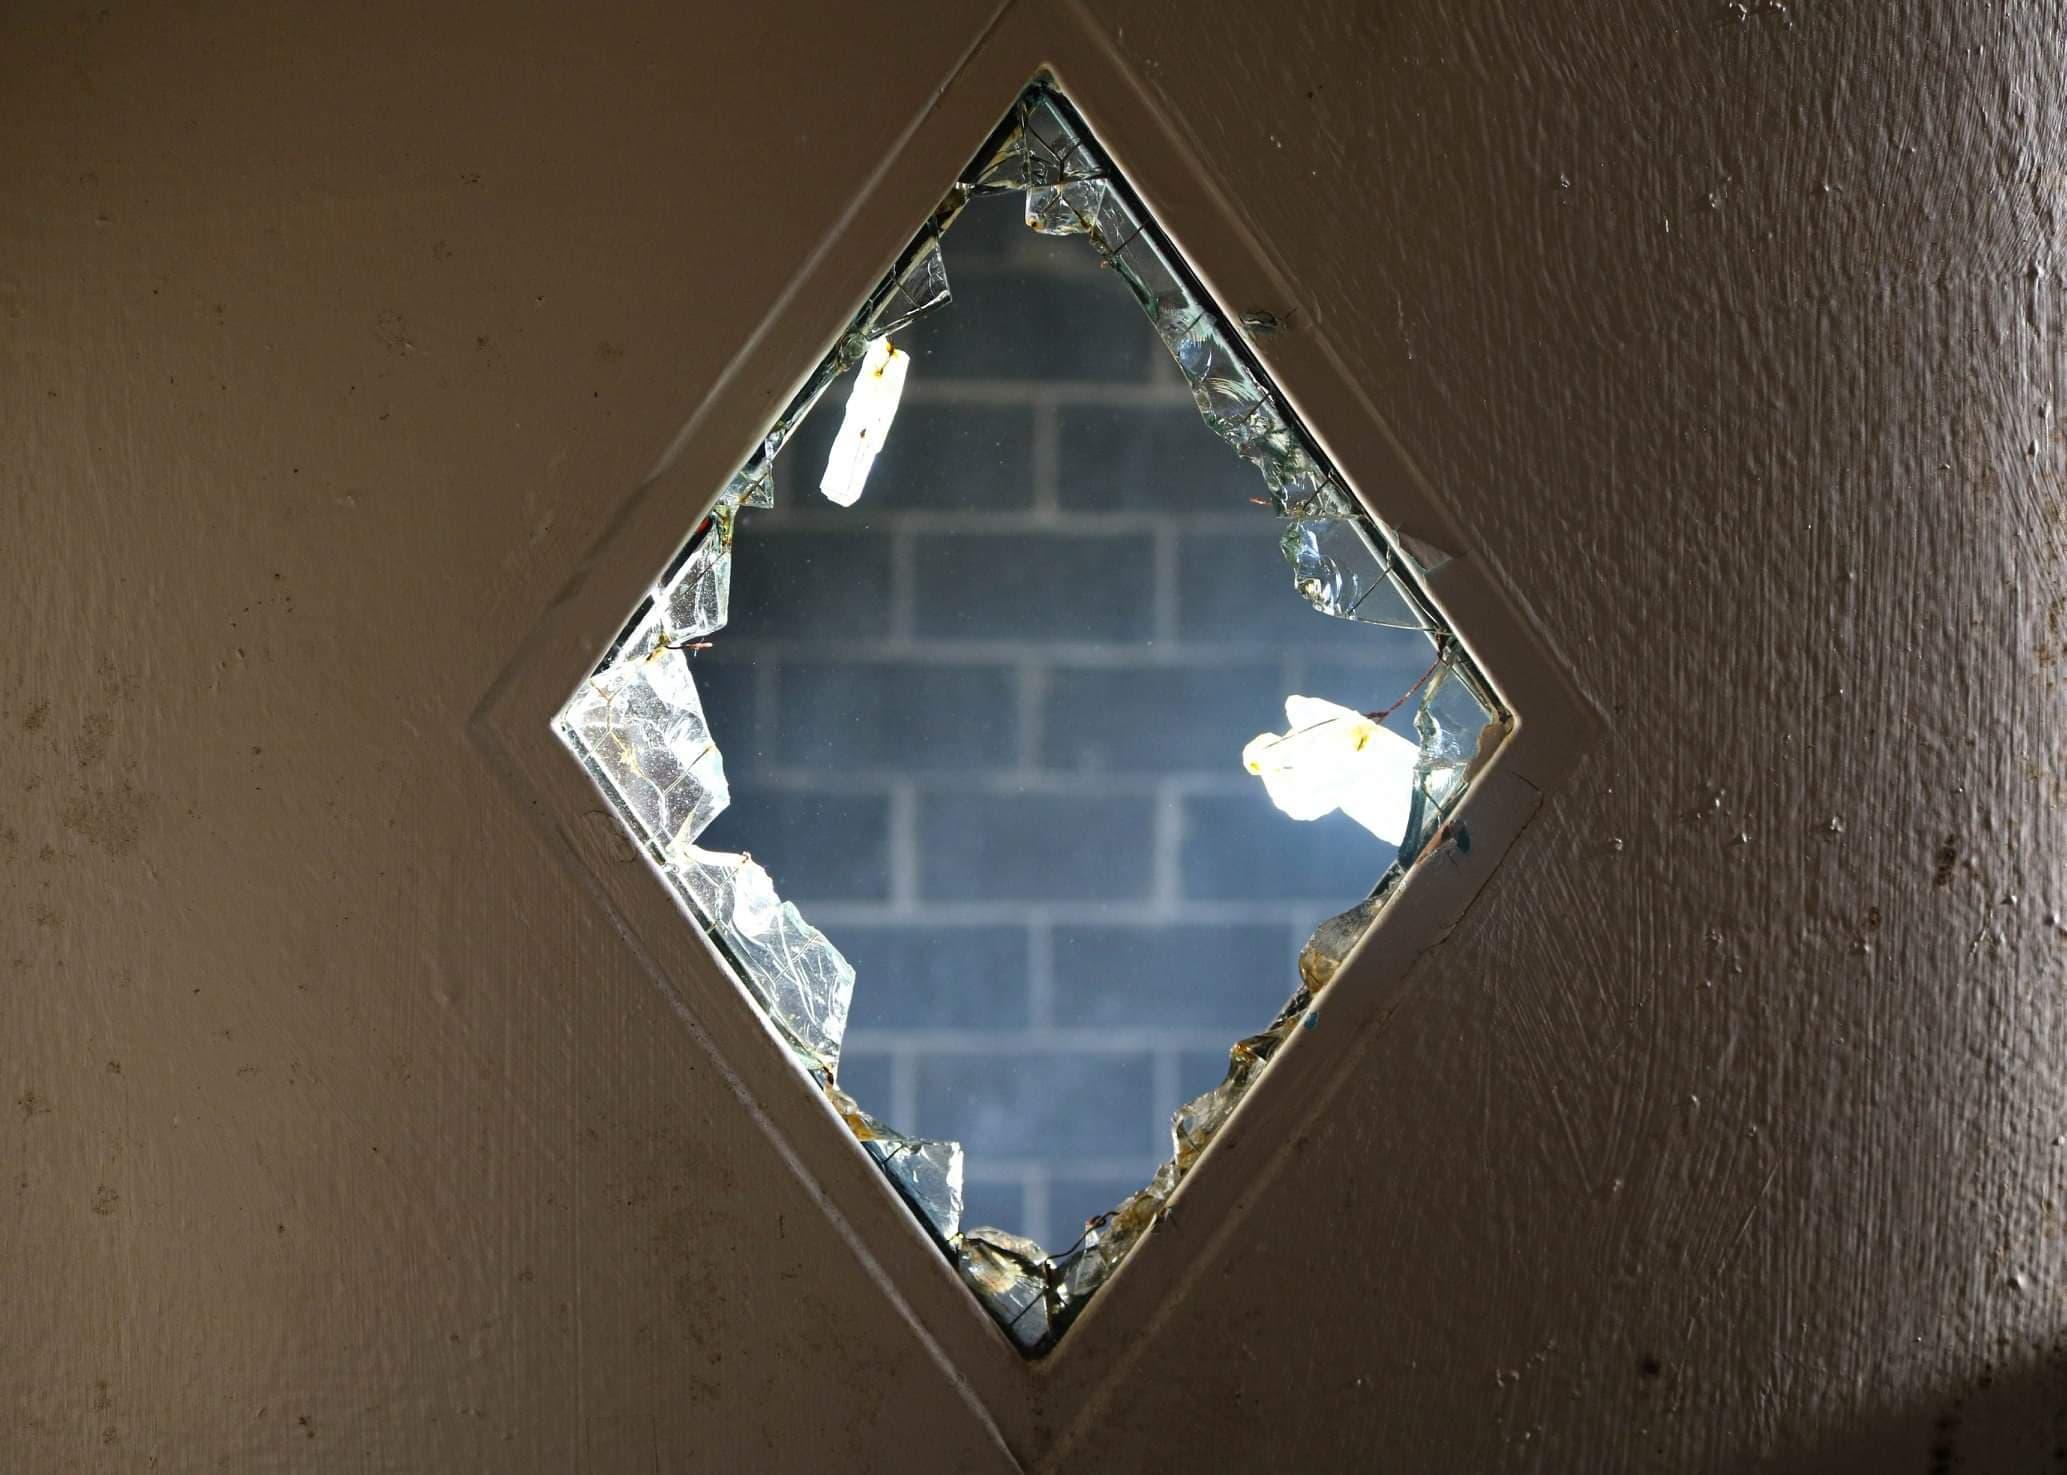 Observation Window Shattered